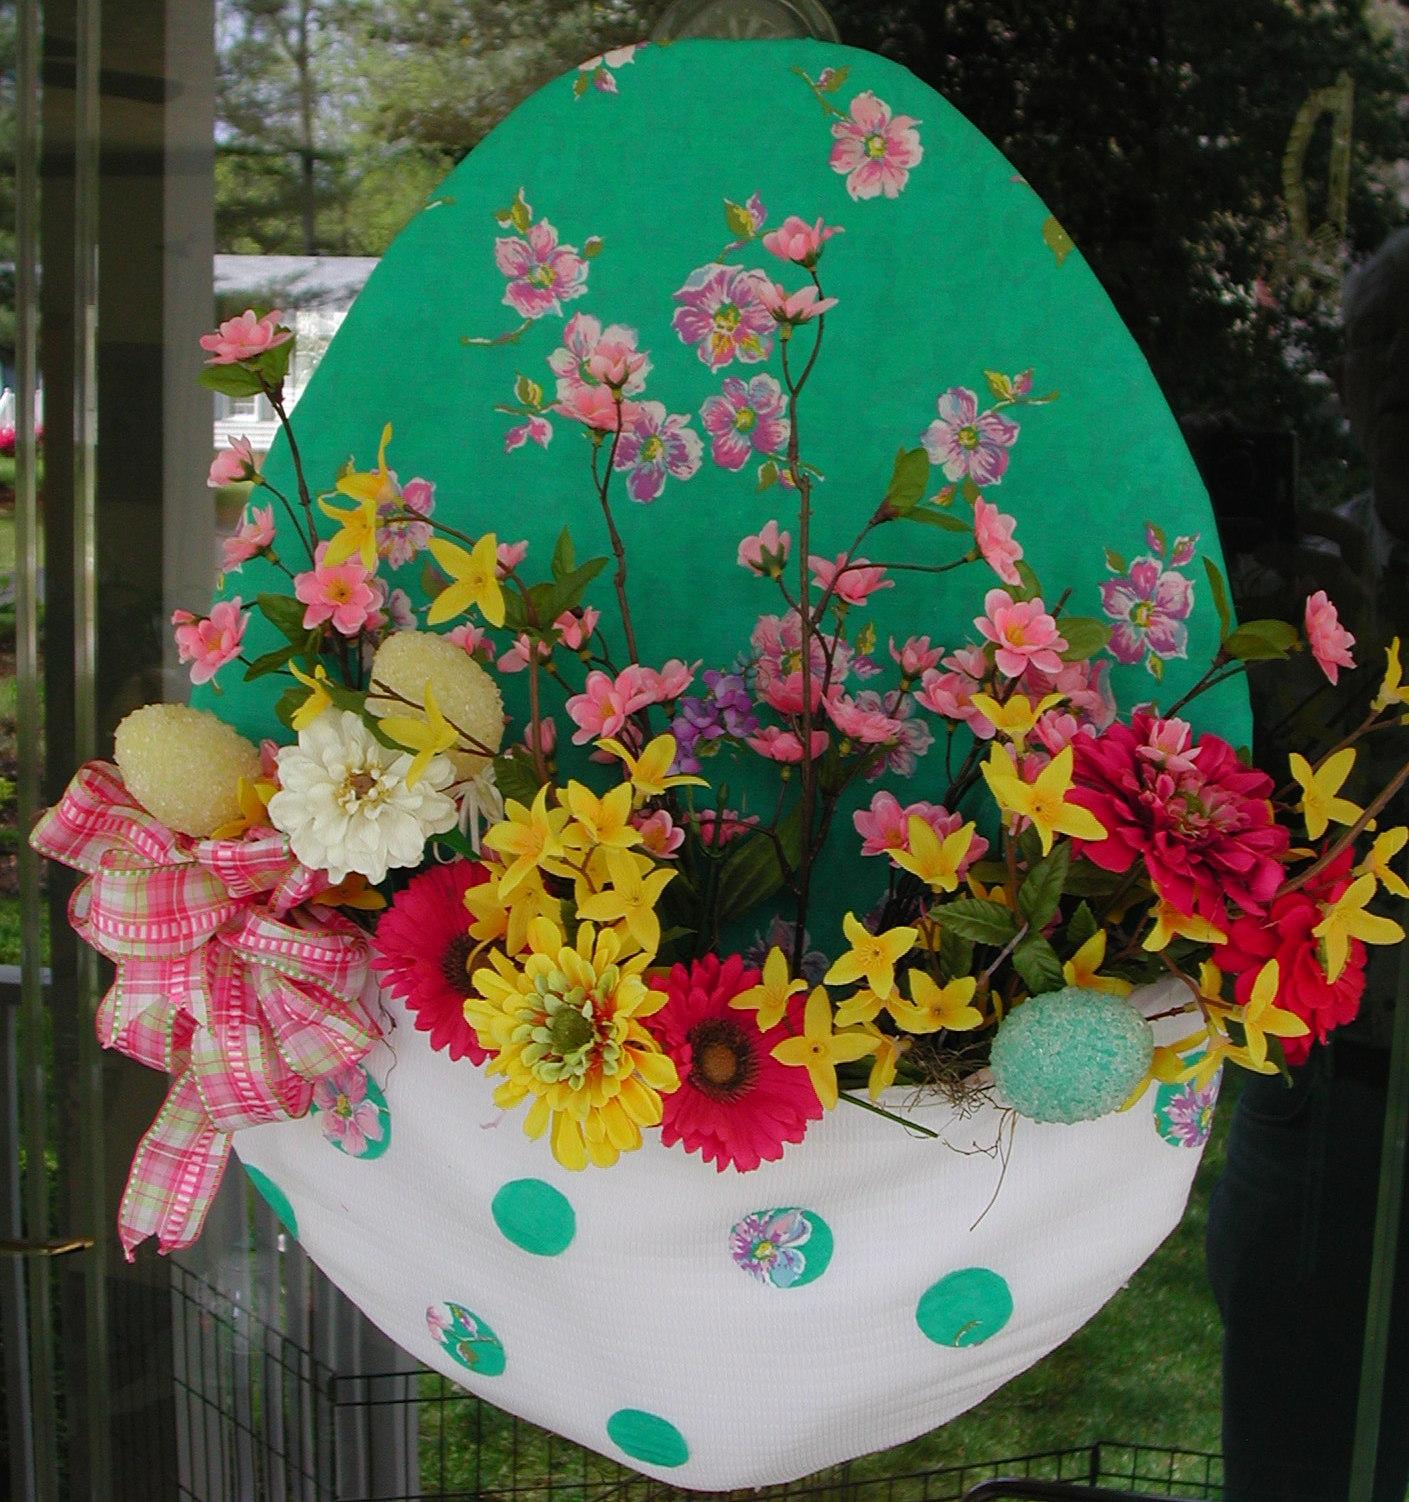 Corgis In My Garden Easter Door Decoration And More